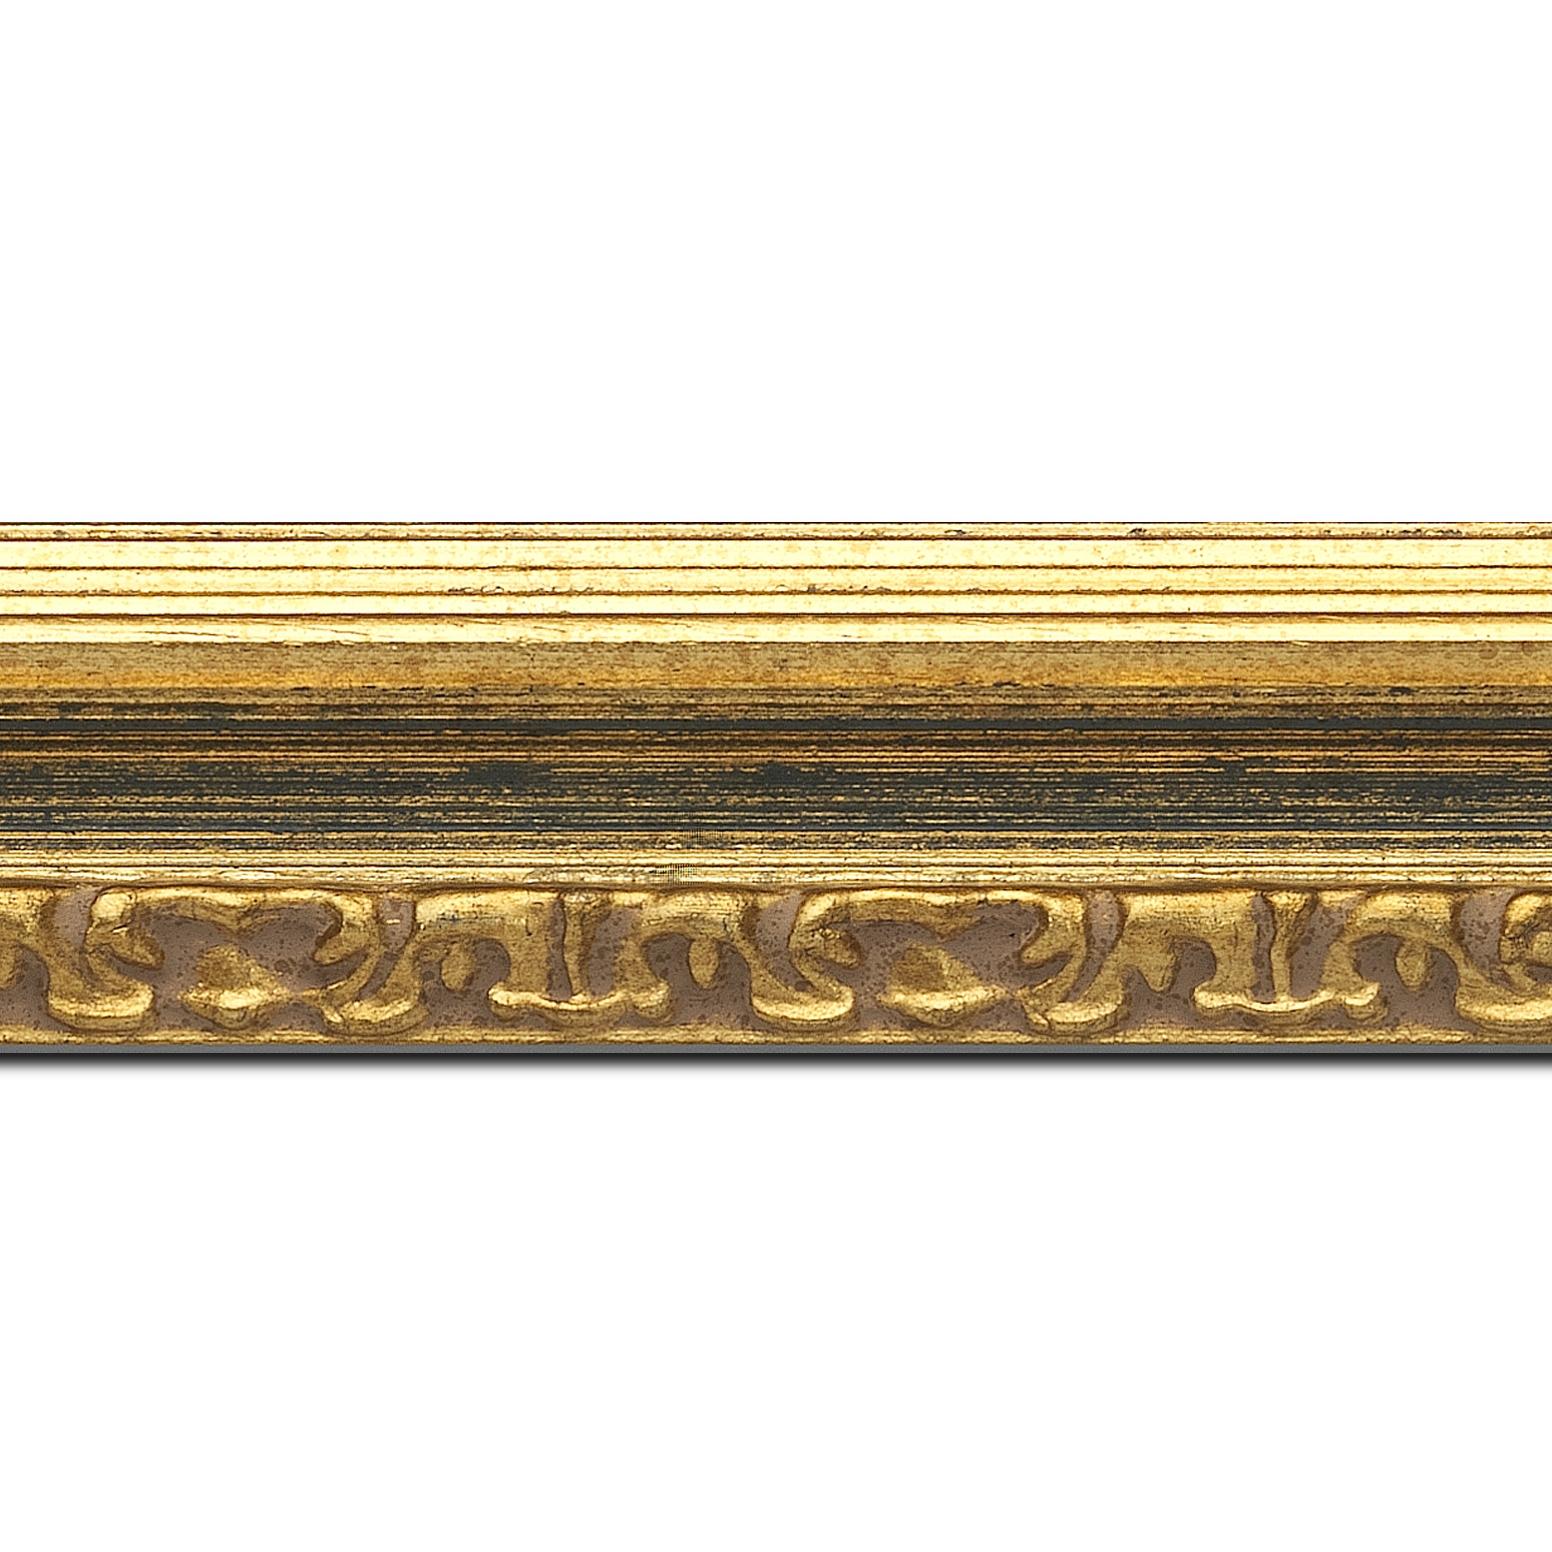 Baguette longueur 1.40m bois profil incurvé largeur 5.1cm couleur or patiné à la feuille gorge bleu fond or nez ornement